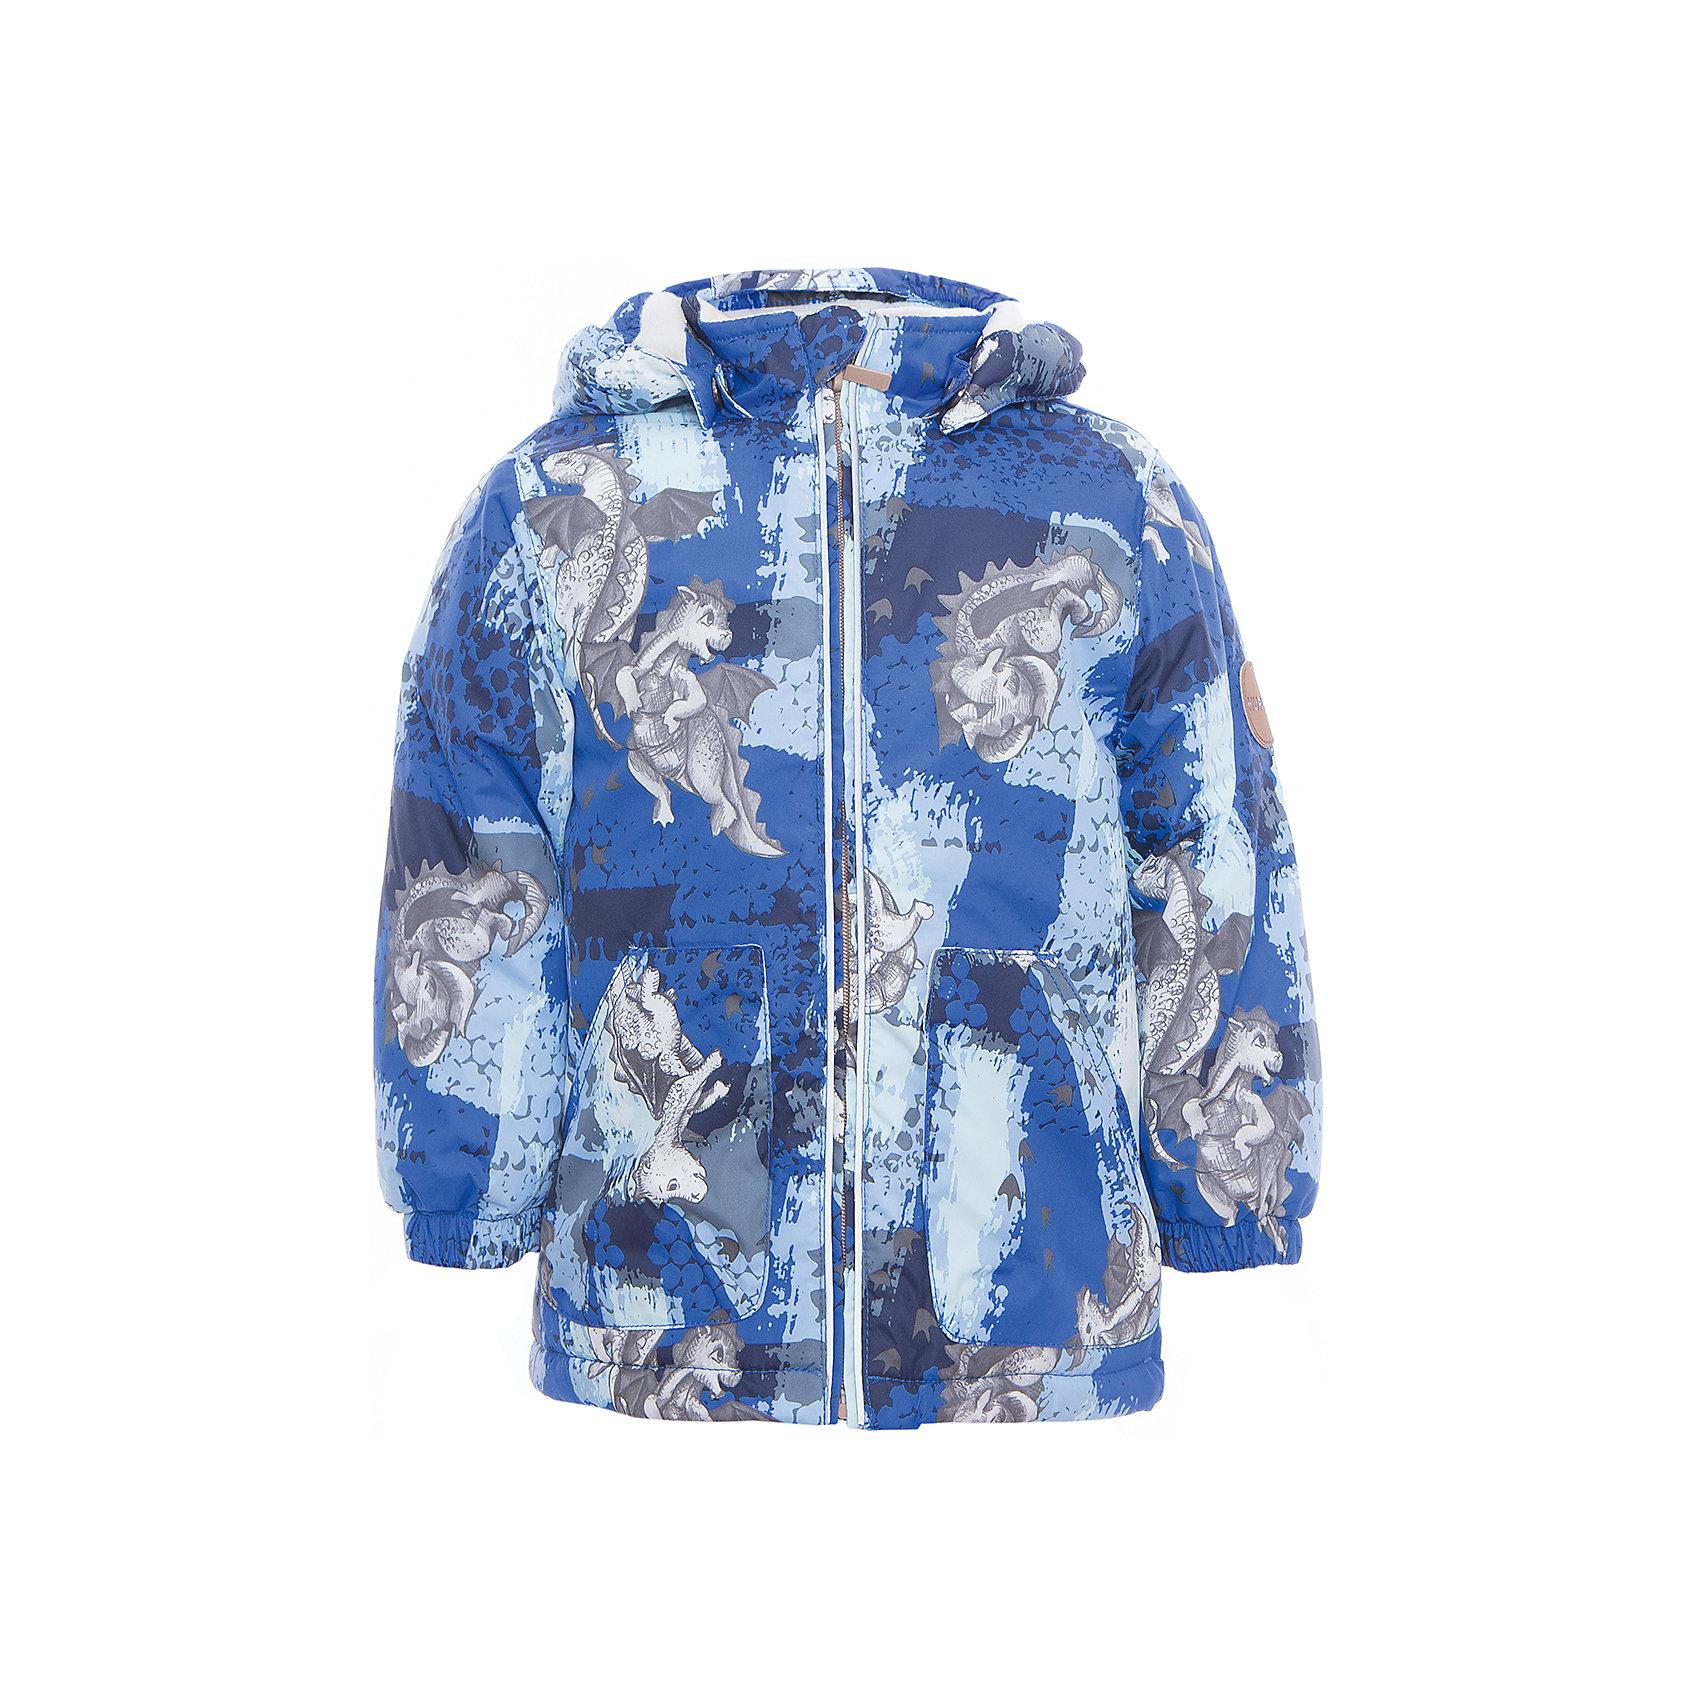 Куртка для мальчика BERTY HuppaДемисезонные куртки<br>Характеристики товара:<br><br>• цвет: синий принт<br>• ткань: 100% полиэстер<br>• подкладка: Coral-fleece, смесь хлопка и полиэстера, в рукавах тафат - 100% полиэстер<br>• утеплитель: 100% полиэстер 100 г<br>• температурный режим: от -5°С до +10°С<br>• водонепроницаемость: 5000 мм<br>• воздухопроницаемость: 5000 мм<br>• светоотражающие детали<br>• эластичные манжеты<br>• эластичный шнурок + фиксатор<br>• защита подбородка<br>• съёмный капюшон с резинкой<br>• комфортная посадка<br>• коллекция: весна-лето 2017<br>• страна бренда: Эстония<br><br>Такая легкая и стильная куртка обеспечит детям тепло и комфорт. Она сделана из материала, отталкивающего воду, и дополнено подкладкой с утеплителем, поэтому изделие идеально подходит для межсезонья. Материал изделия - с мембранной технологией: защищая от влаги и ветра, он легко выводит лишнюю влагу наружу. Для удобства сделан капюшон. Куртка очень симпатично смотрится, яркая расцветка и крой добавляют ему оригинальности. Модель была разработана специально для детей.<br><br>Одежда и обувь от популярного эстонского бренда Huppa - отличный вариант одеть ребенка можно и комфортно. Вещи, выпускаемые компанией, качественные, продуманные и очень удобные. Для производства изделий используются только безопасные для детей материалы. Продукция от Huppa порадует и детей, и их родителей!<br><br>Куртку для мальчика BERTY от бренда Huppa (Хуппа) можно купить в нашем интернет-магазине.<br><br>Ширина мм: 356<br>Глубина мм: 10<br>Высота мм: 245<br>Вес г: 519<br>Цвет: синий<br>Возраст от месяцев: 48<br>Возраст до месяцев: 60<br>Пол: Мужской<br>Возраст: Детский<br>Размер: 110,80,86,92,98,104<br>SKU: 5346938